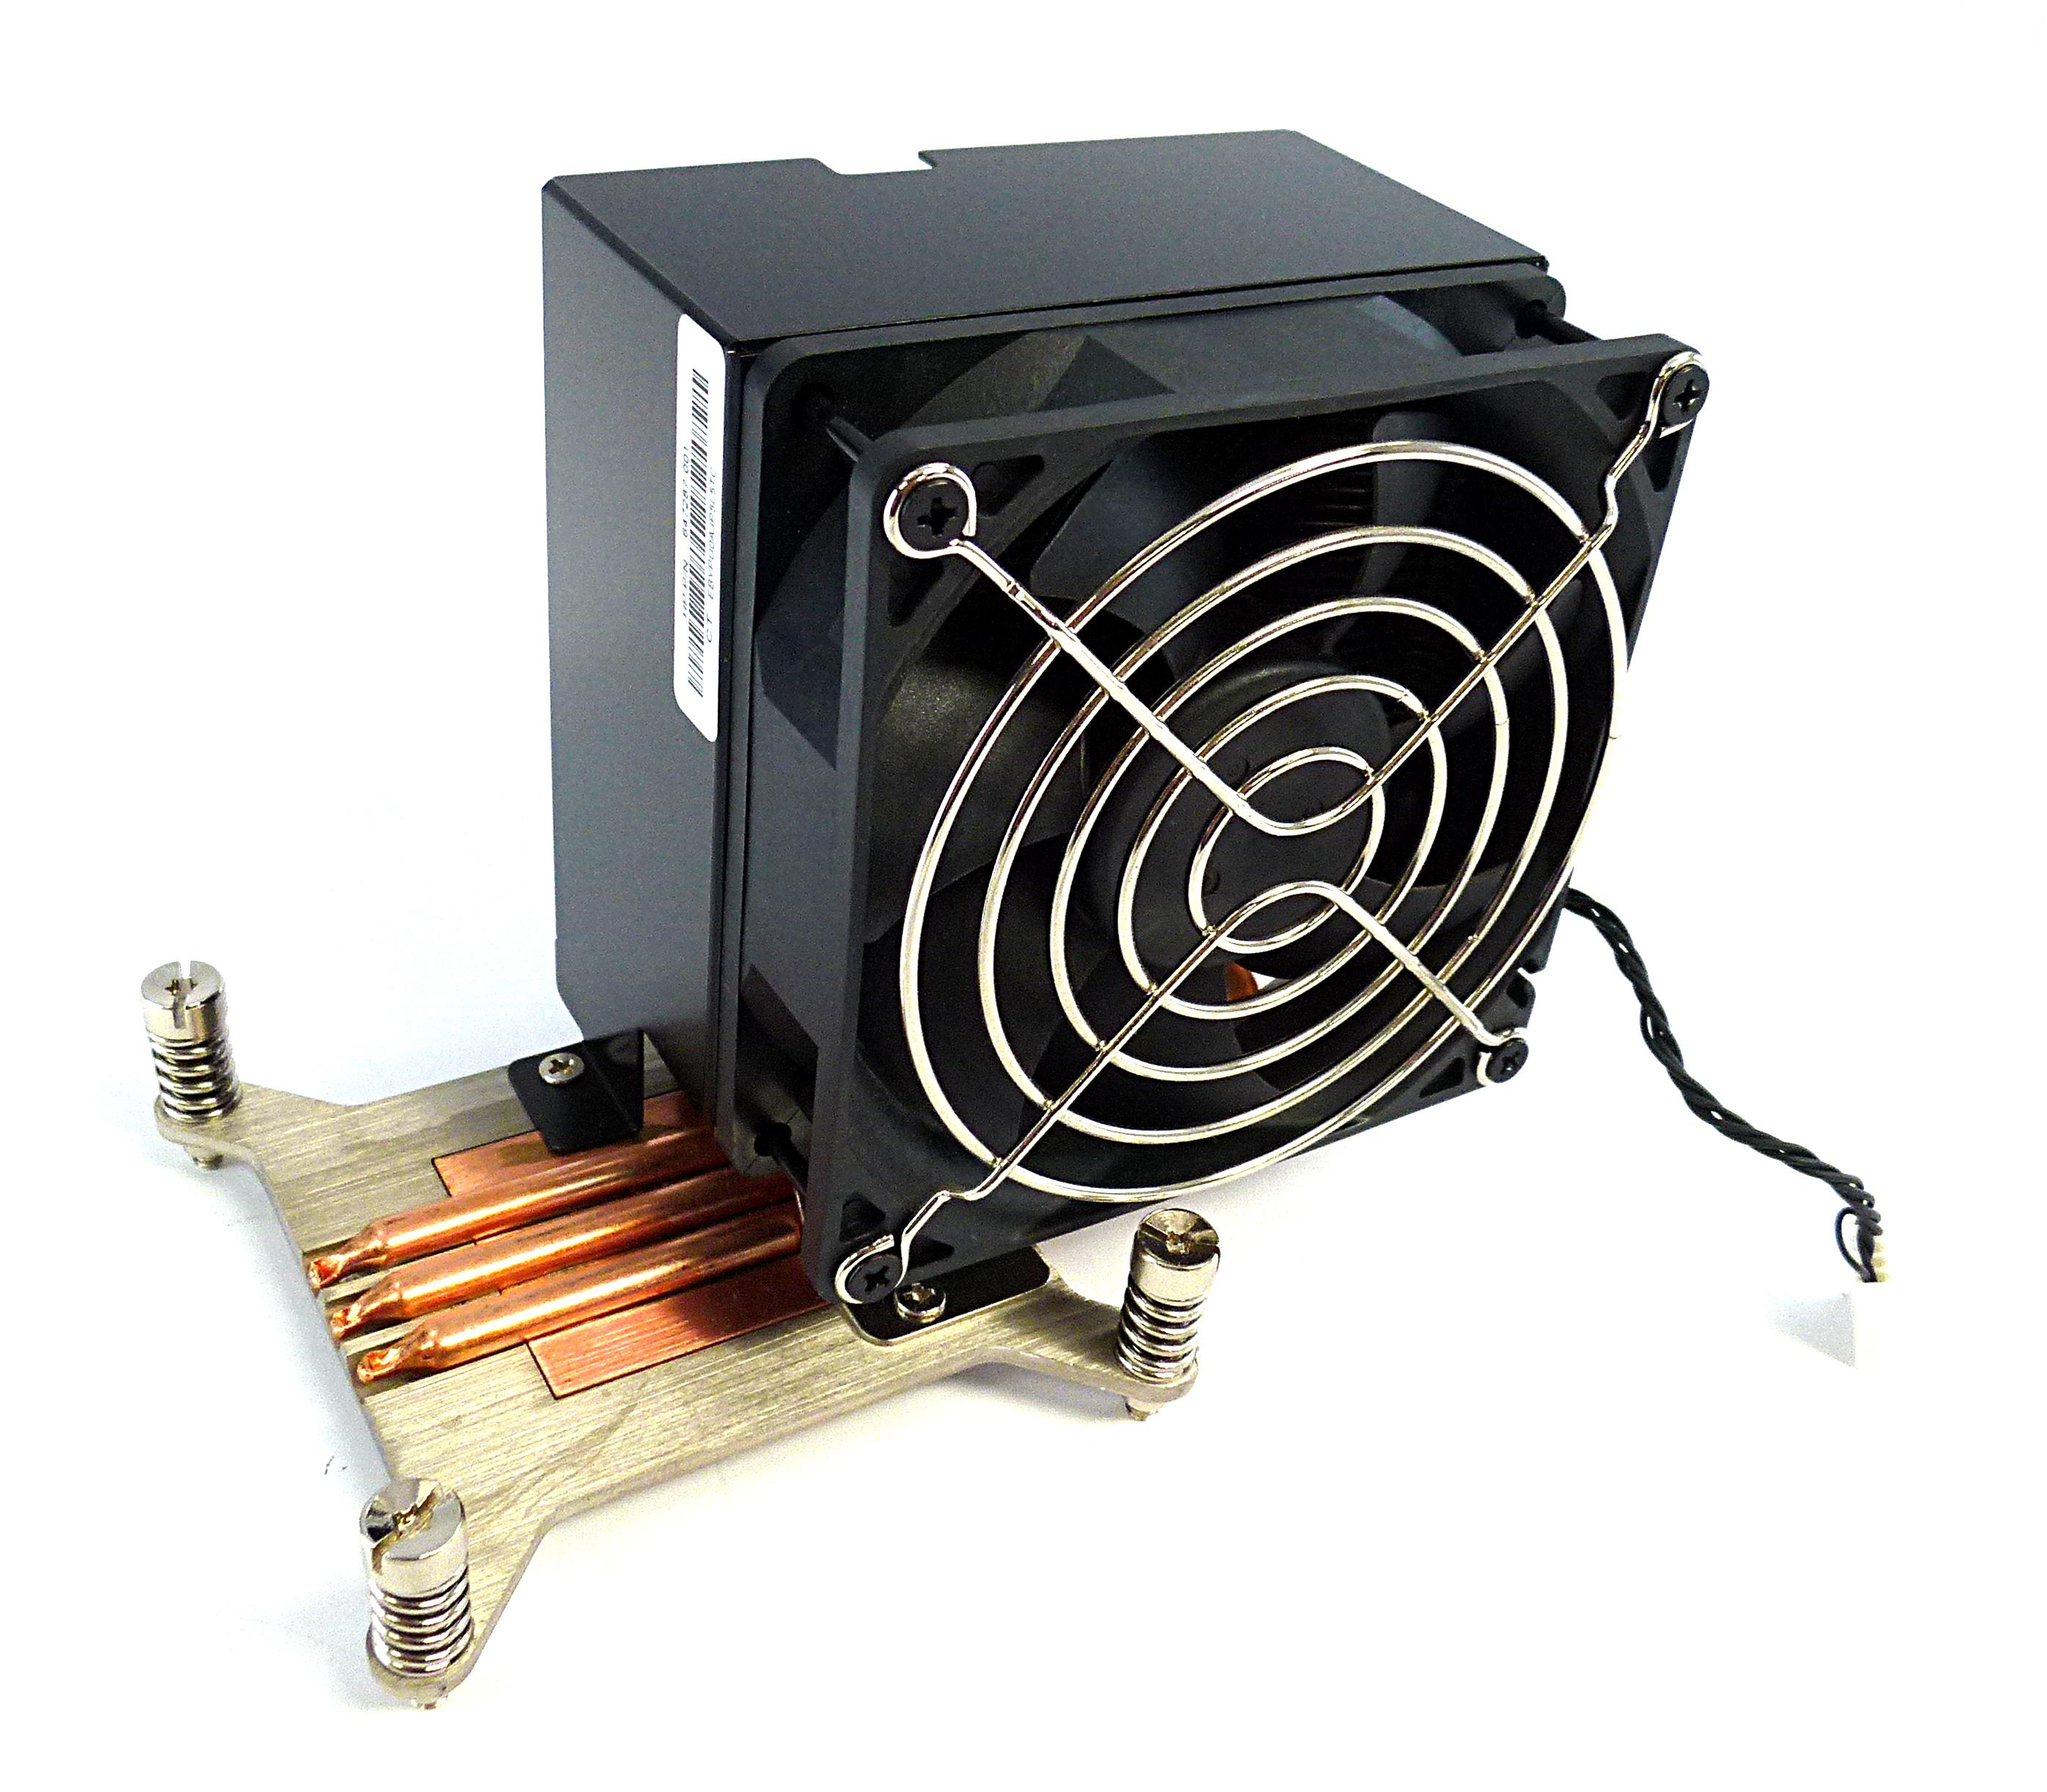 HP 647287-001 Z420 Z620 Workstation CPU Heatsink & Fan Assembly